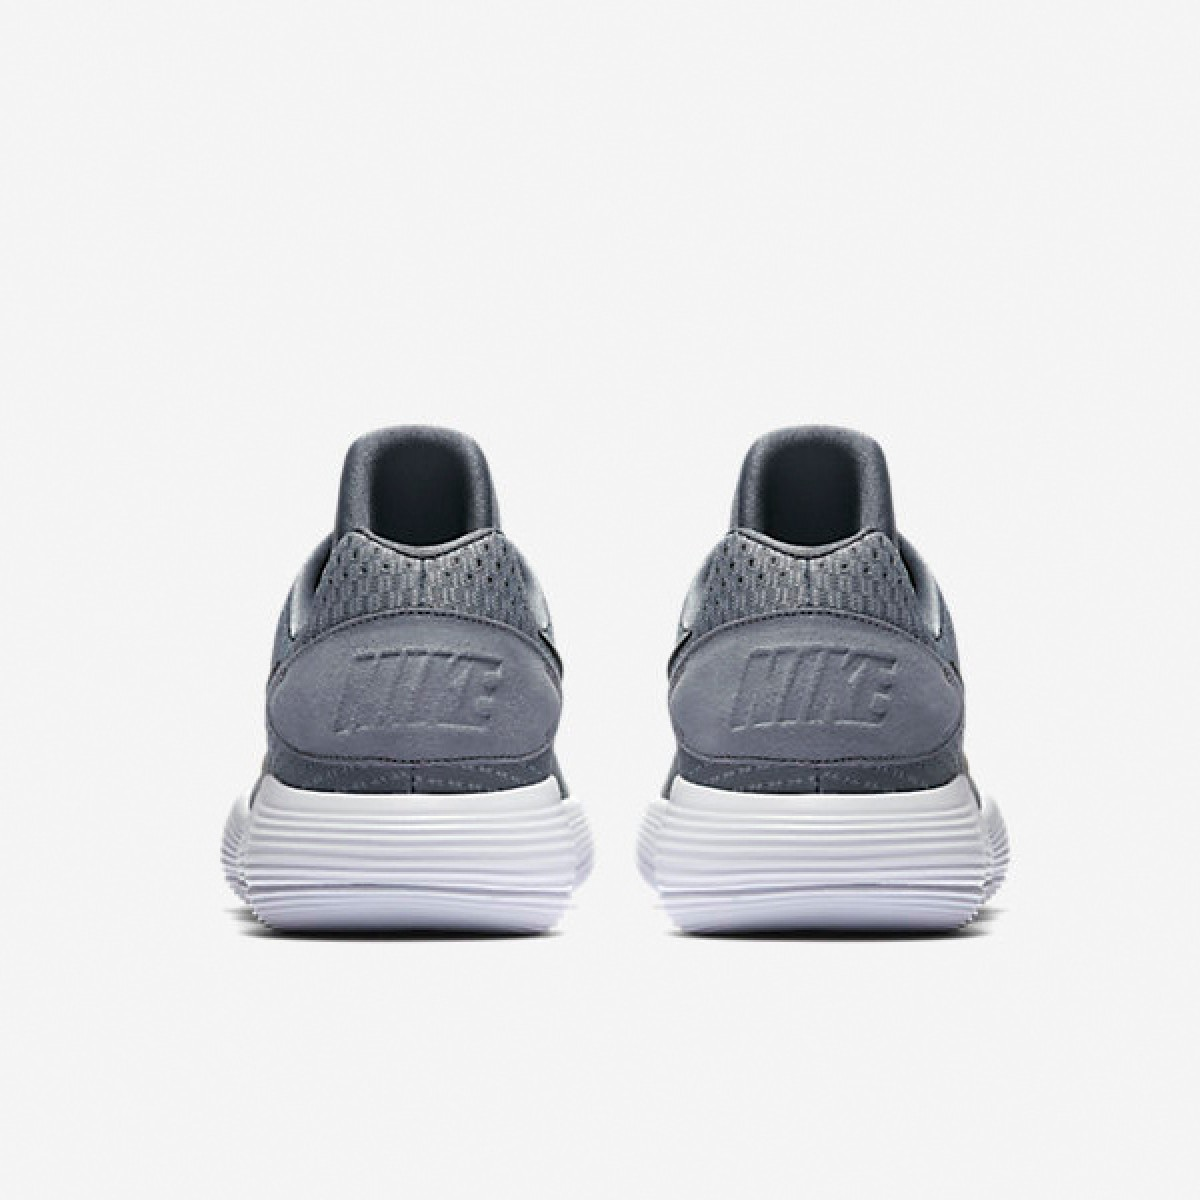 Nike Hyperdunk 2017 Low 'Grey' 897663-002